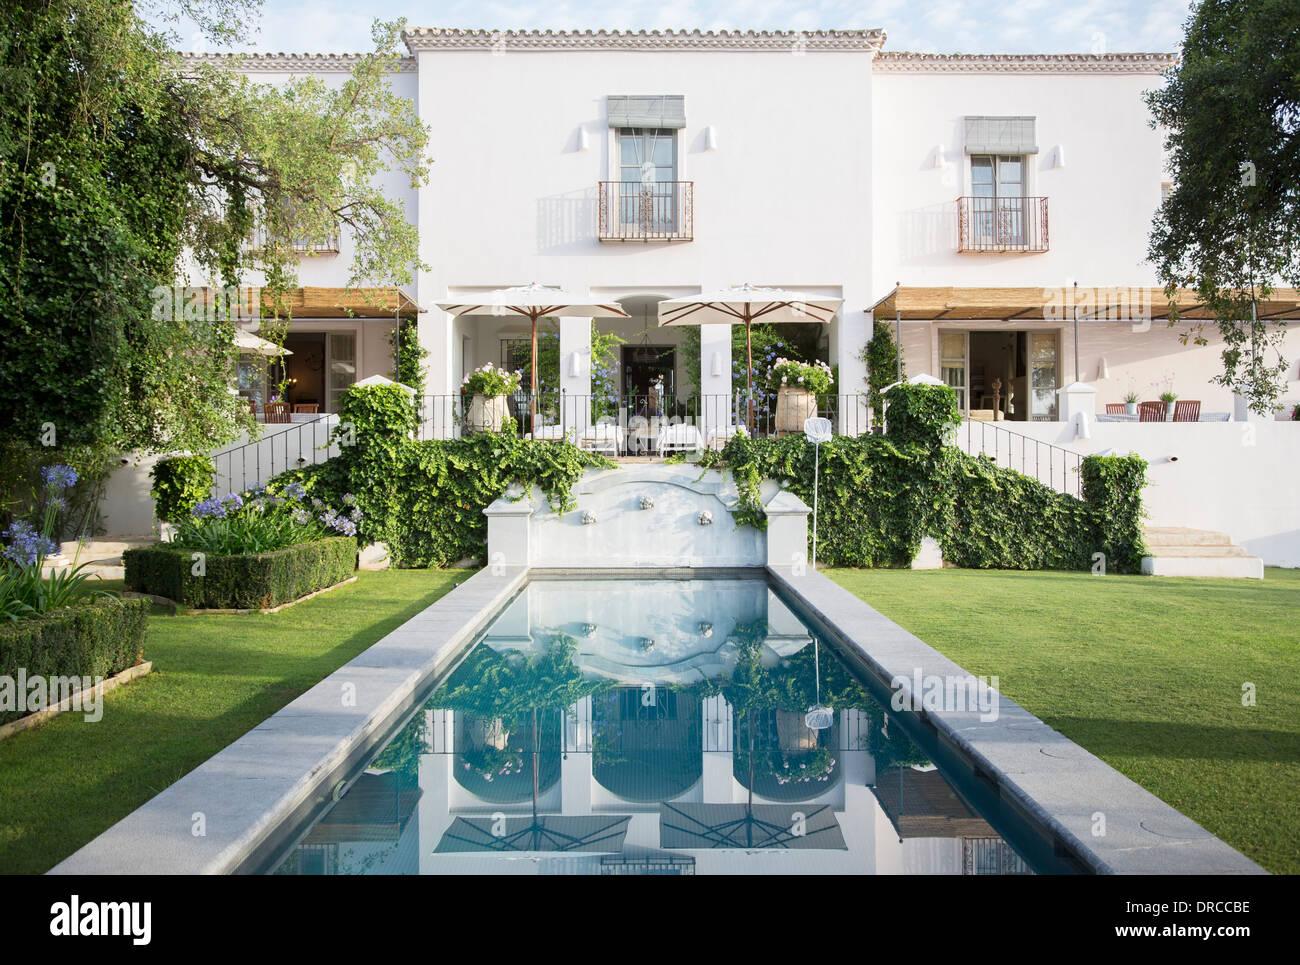 Reflecting pool in backyard of luxury home - Stock Image